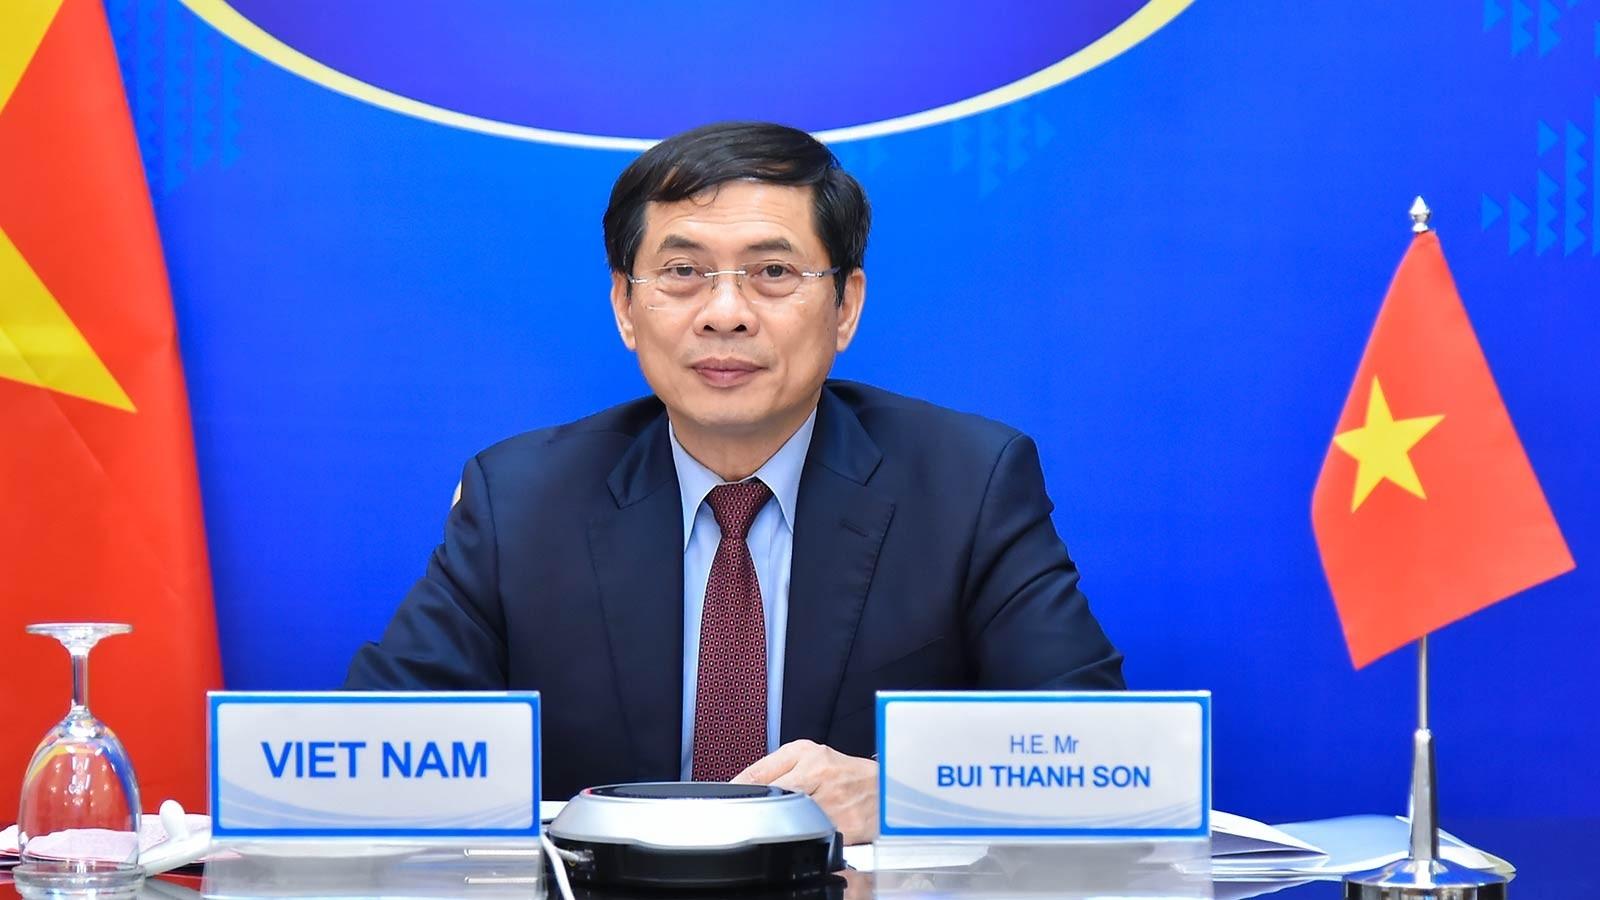 Bộ trưởng Bùi Thanh Sơn dự Hội nghị cao cấp về hợp tác Vành đai và Con đường